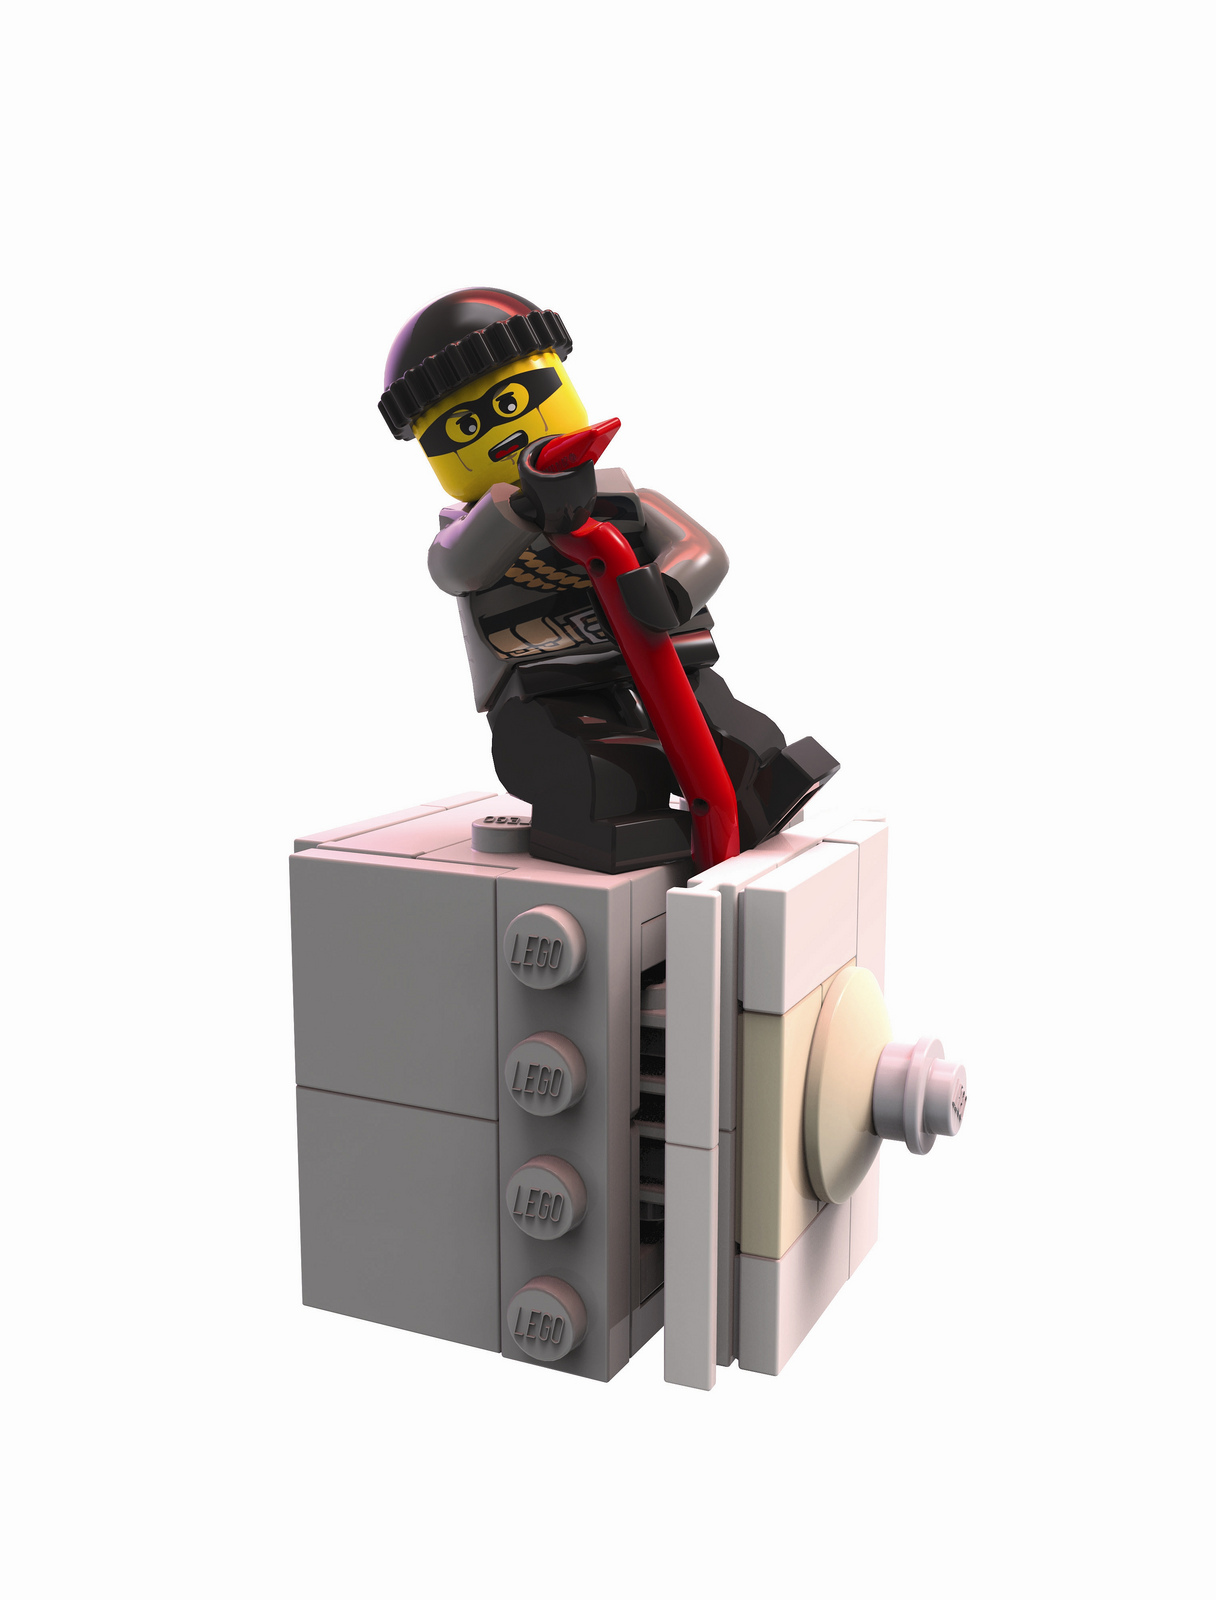 LEGOCity-Undercover Wii U Visuel 008